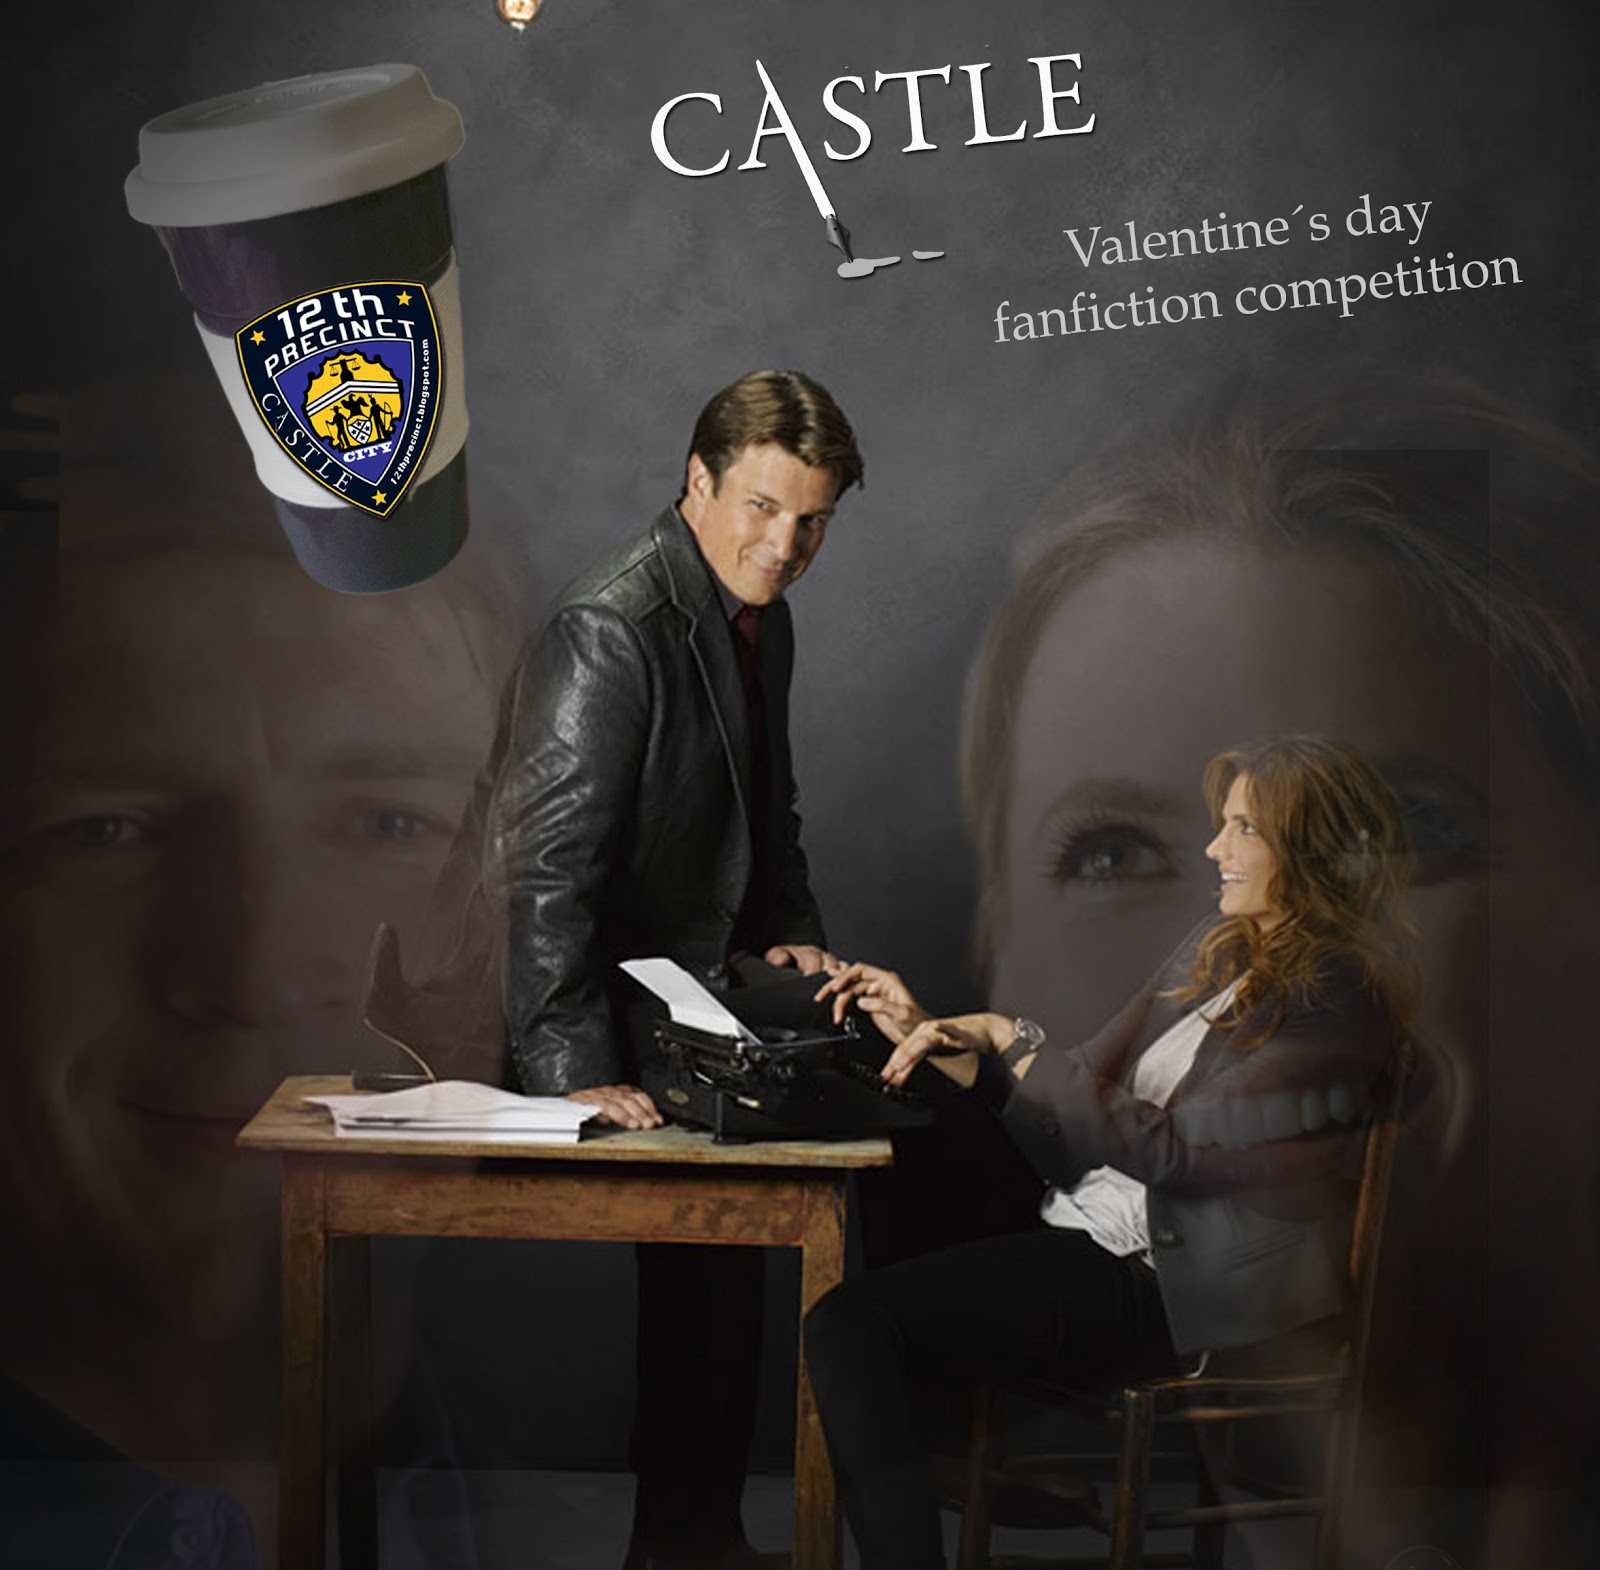 Castle fanfiction